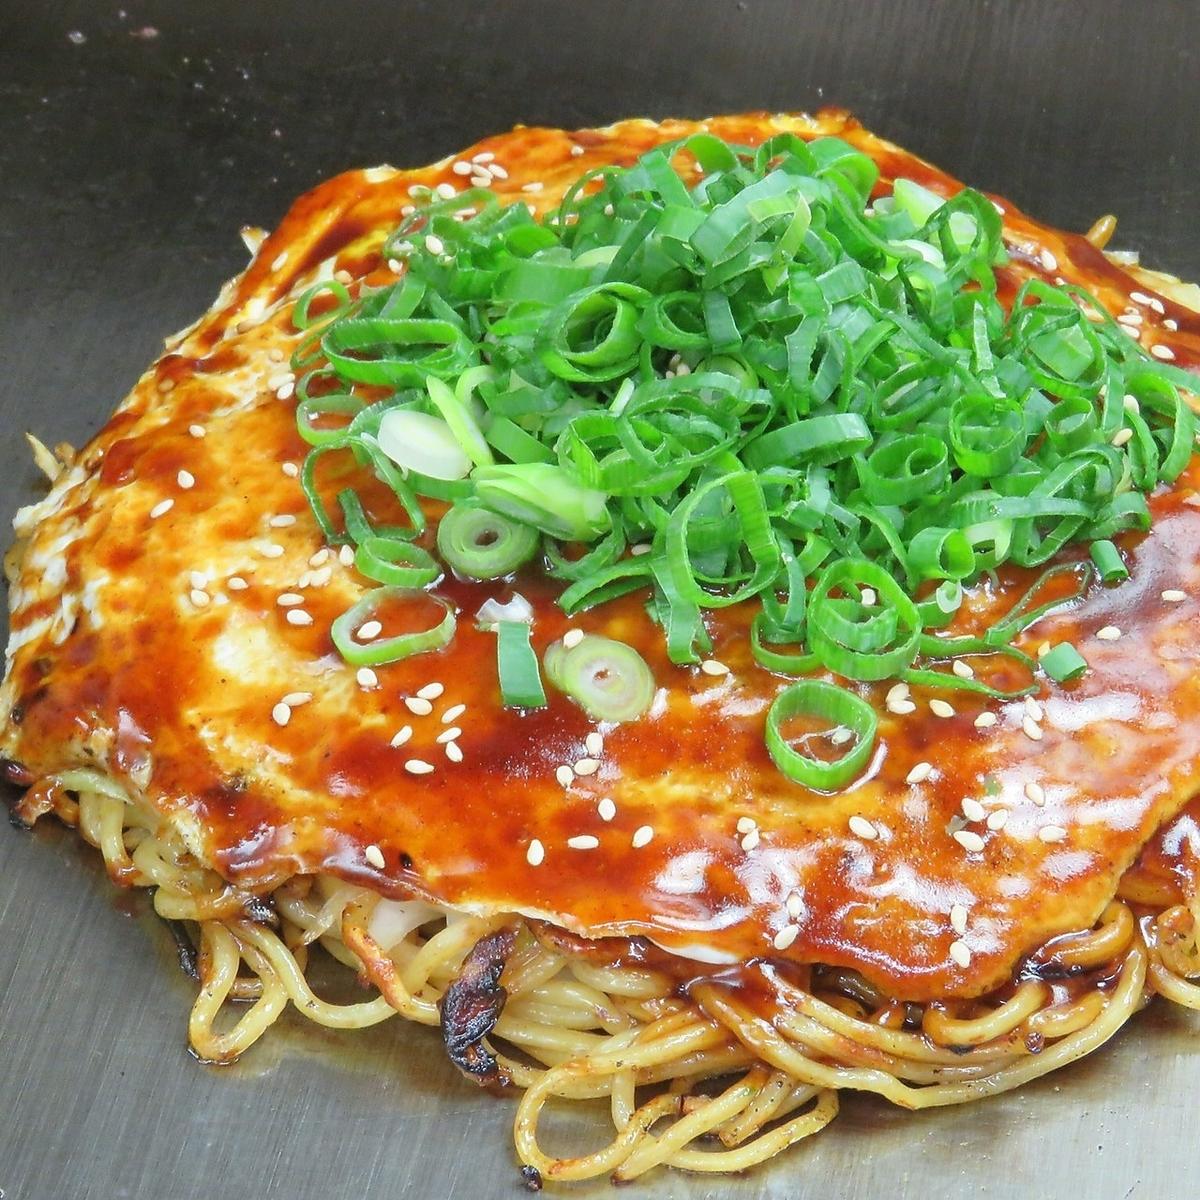 原味肉丸(荞麦面)